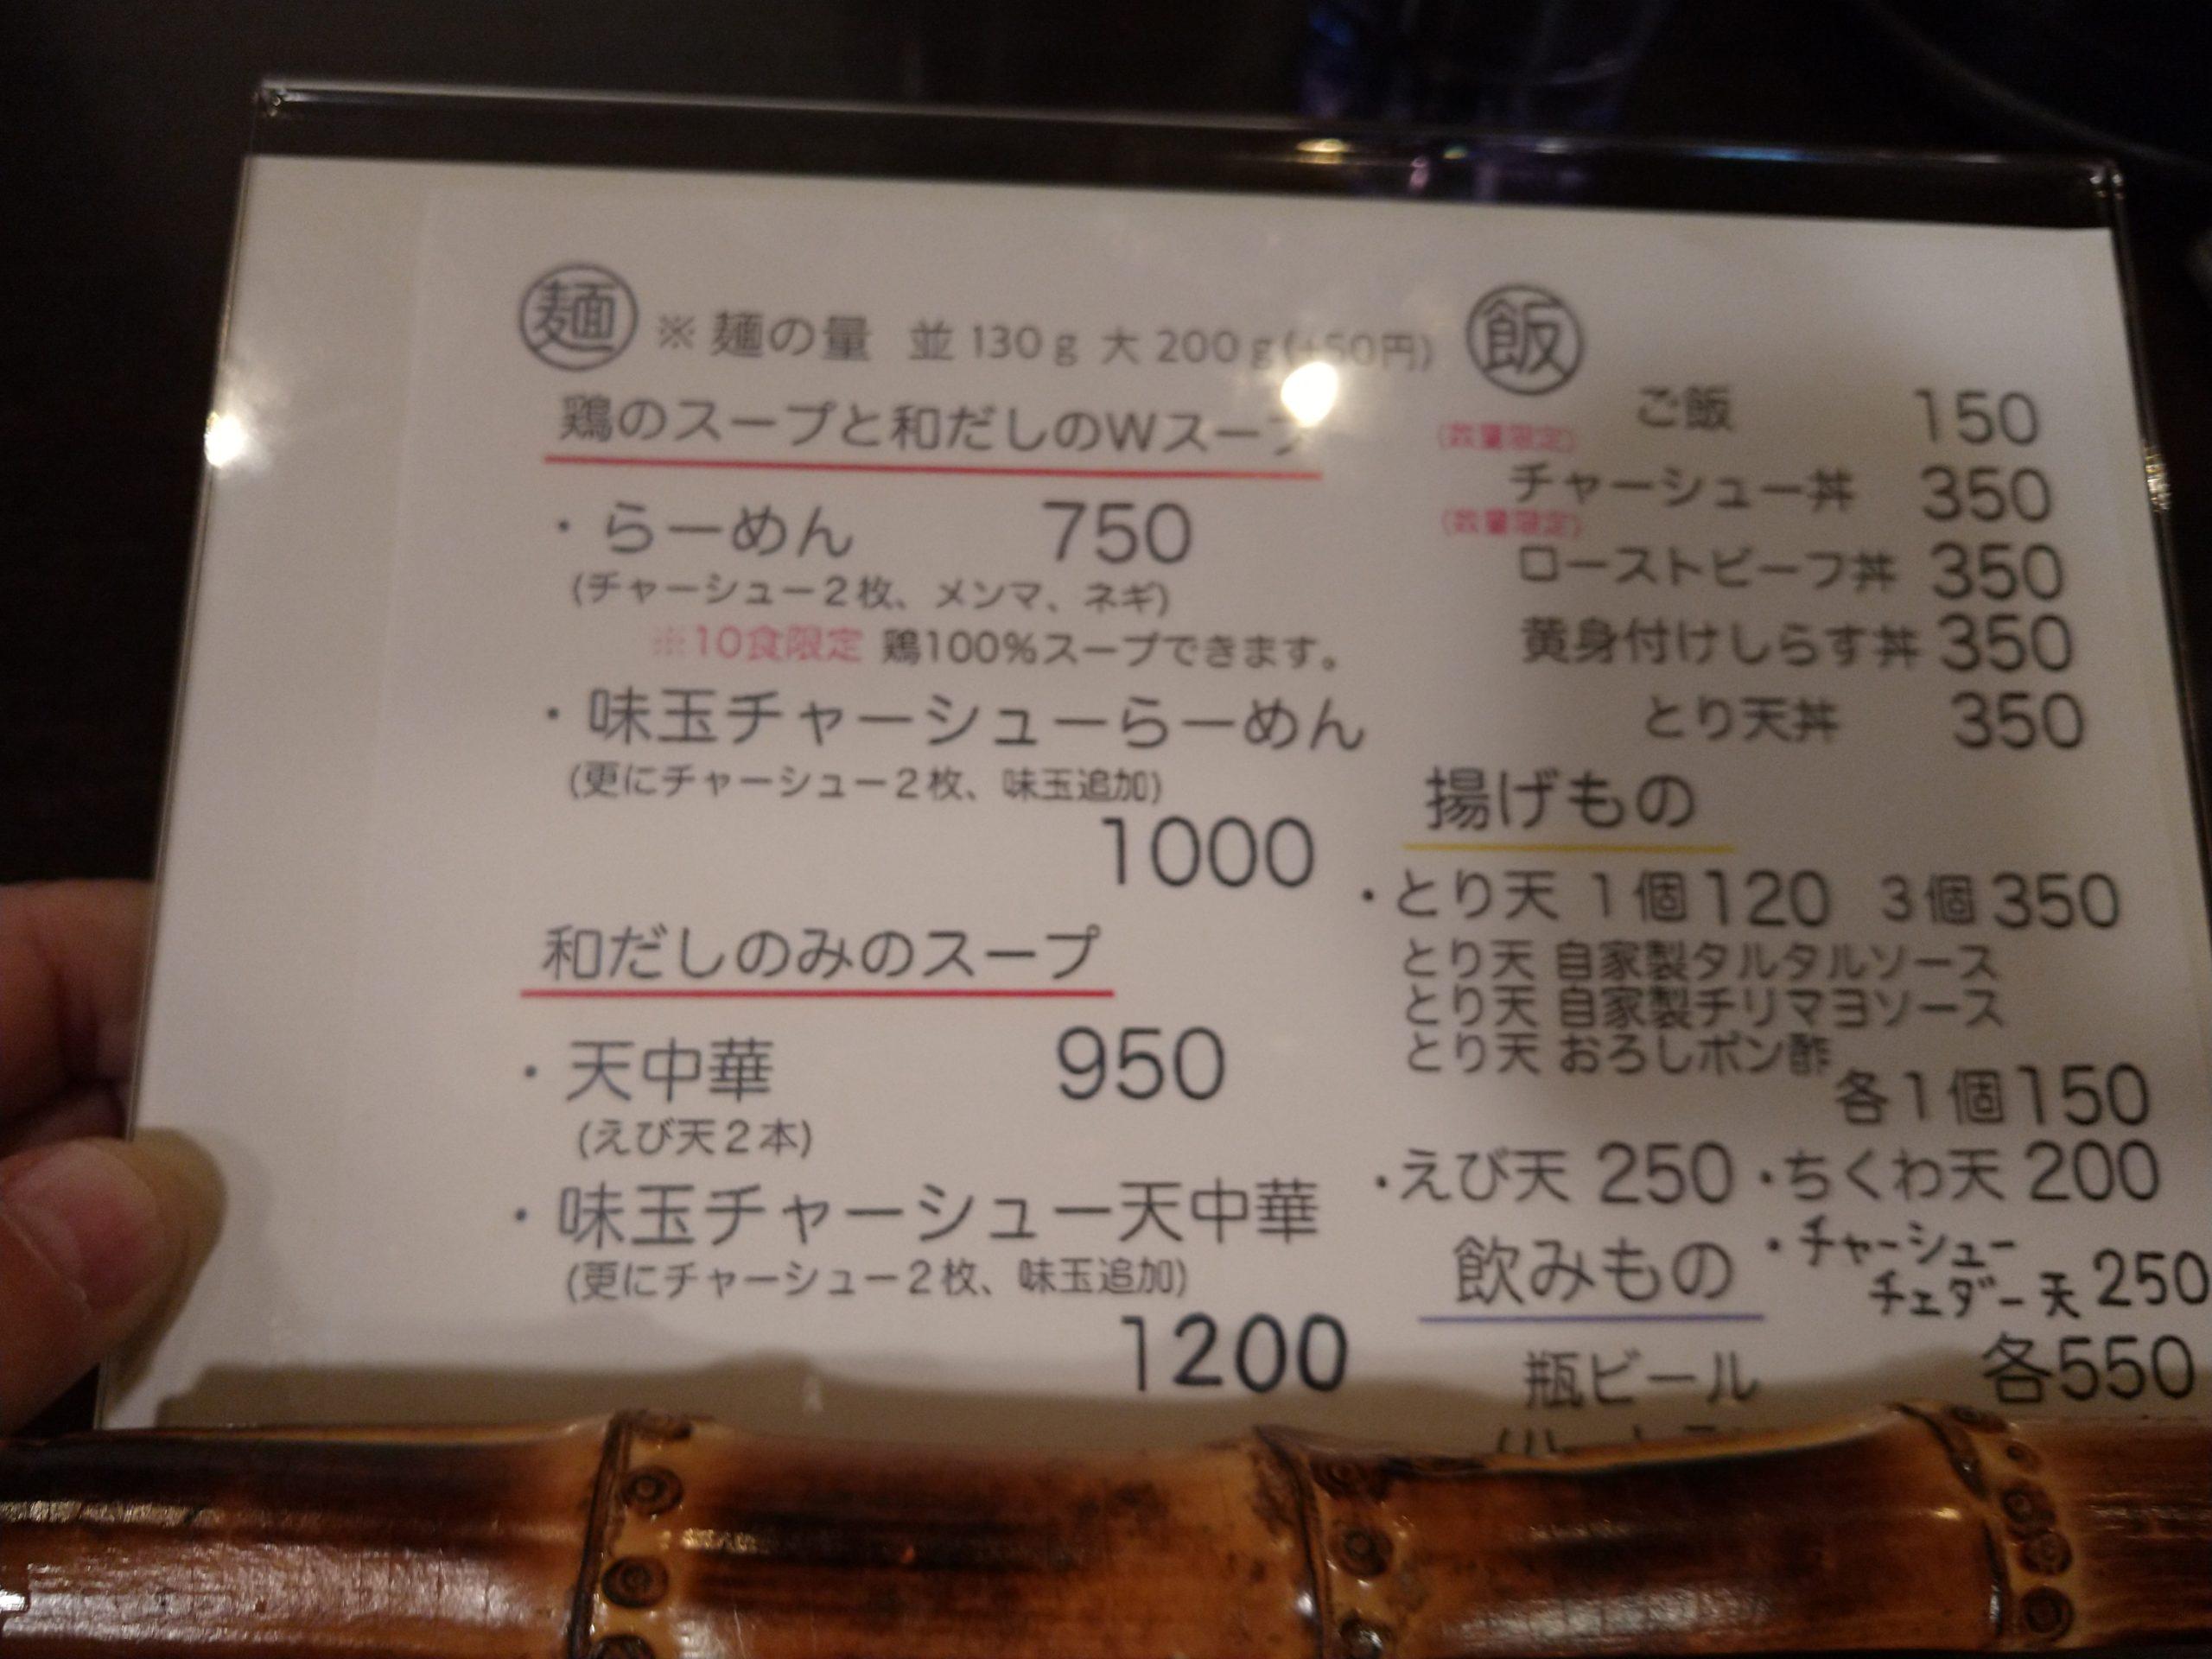 鈴庵2号店 メニュー